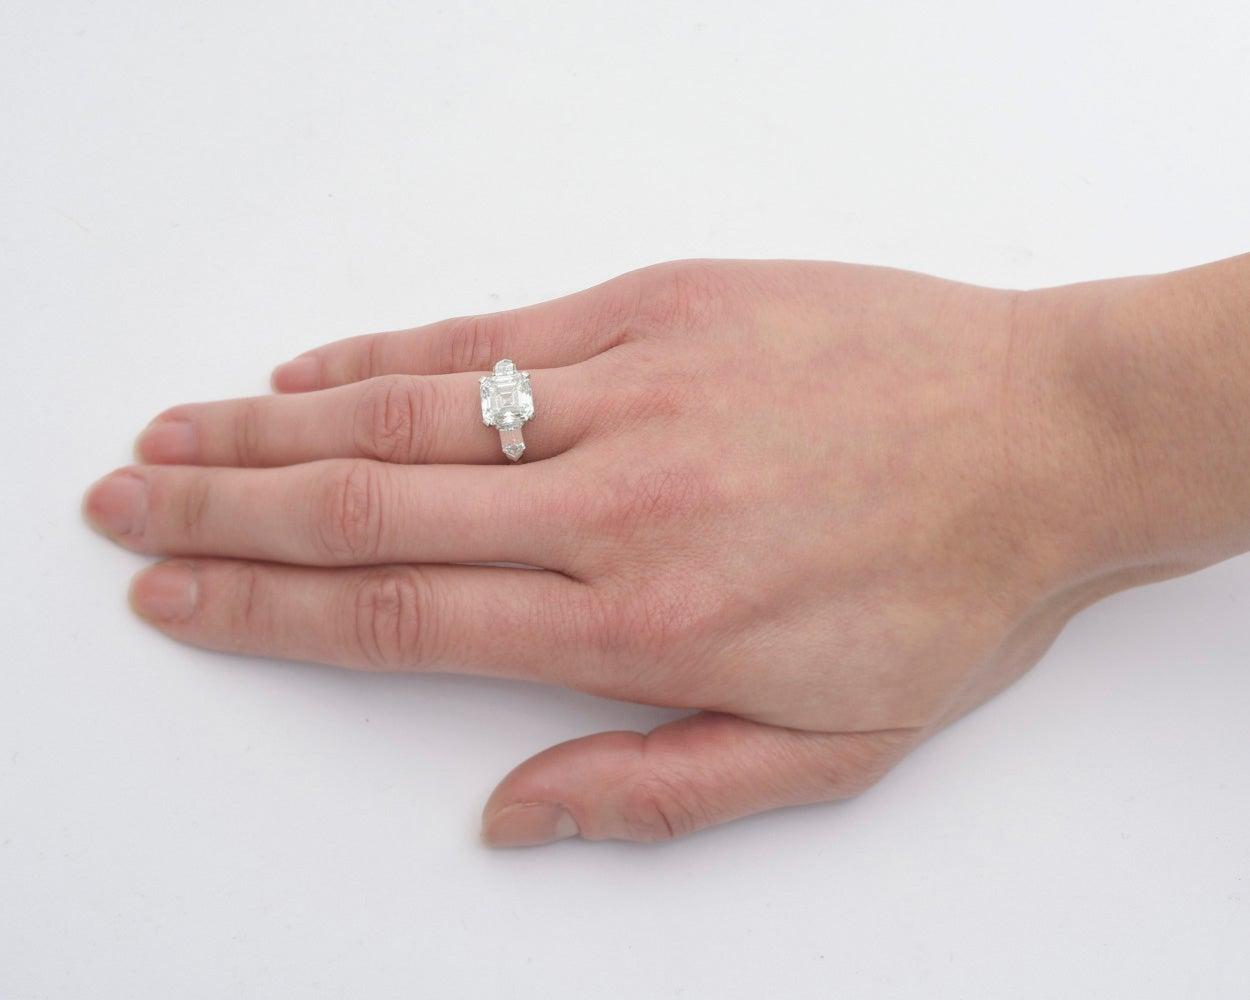 Betteridge 3.51 Carat Asscher-Cut Diamond Engagement Ring at 1stdibs